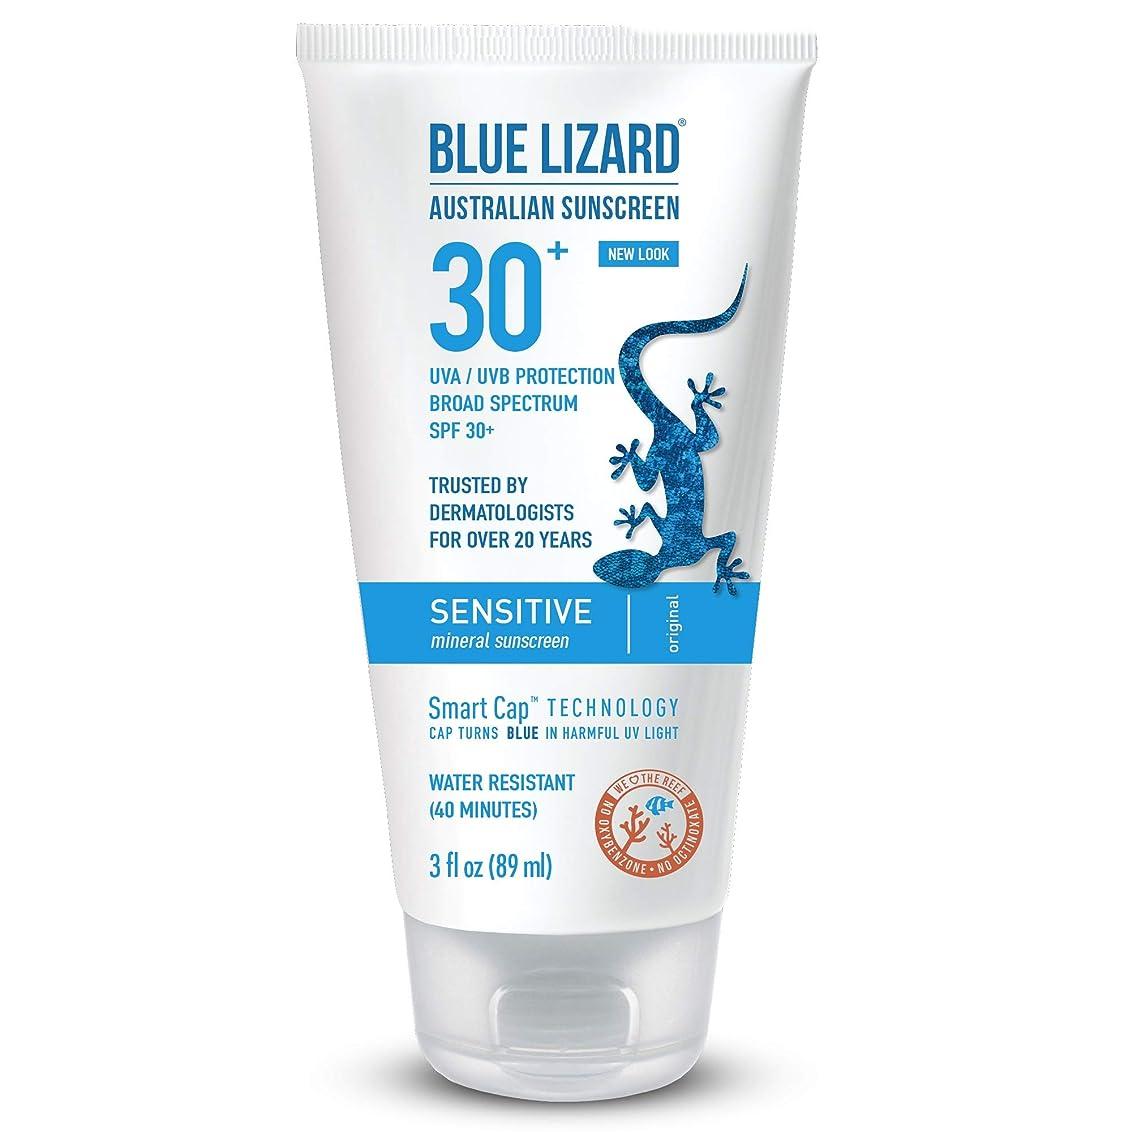 アジテーションマイクロプロセッサ援助Blue Lizard Australian Sunscreen - 敏感日焼け止めSPF 30+広域スペクトルUVA/UVB保護 - 3オズチューブ